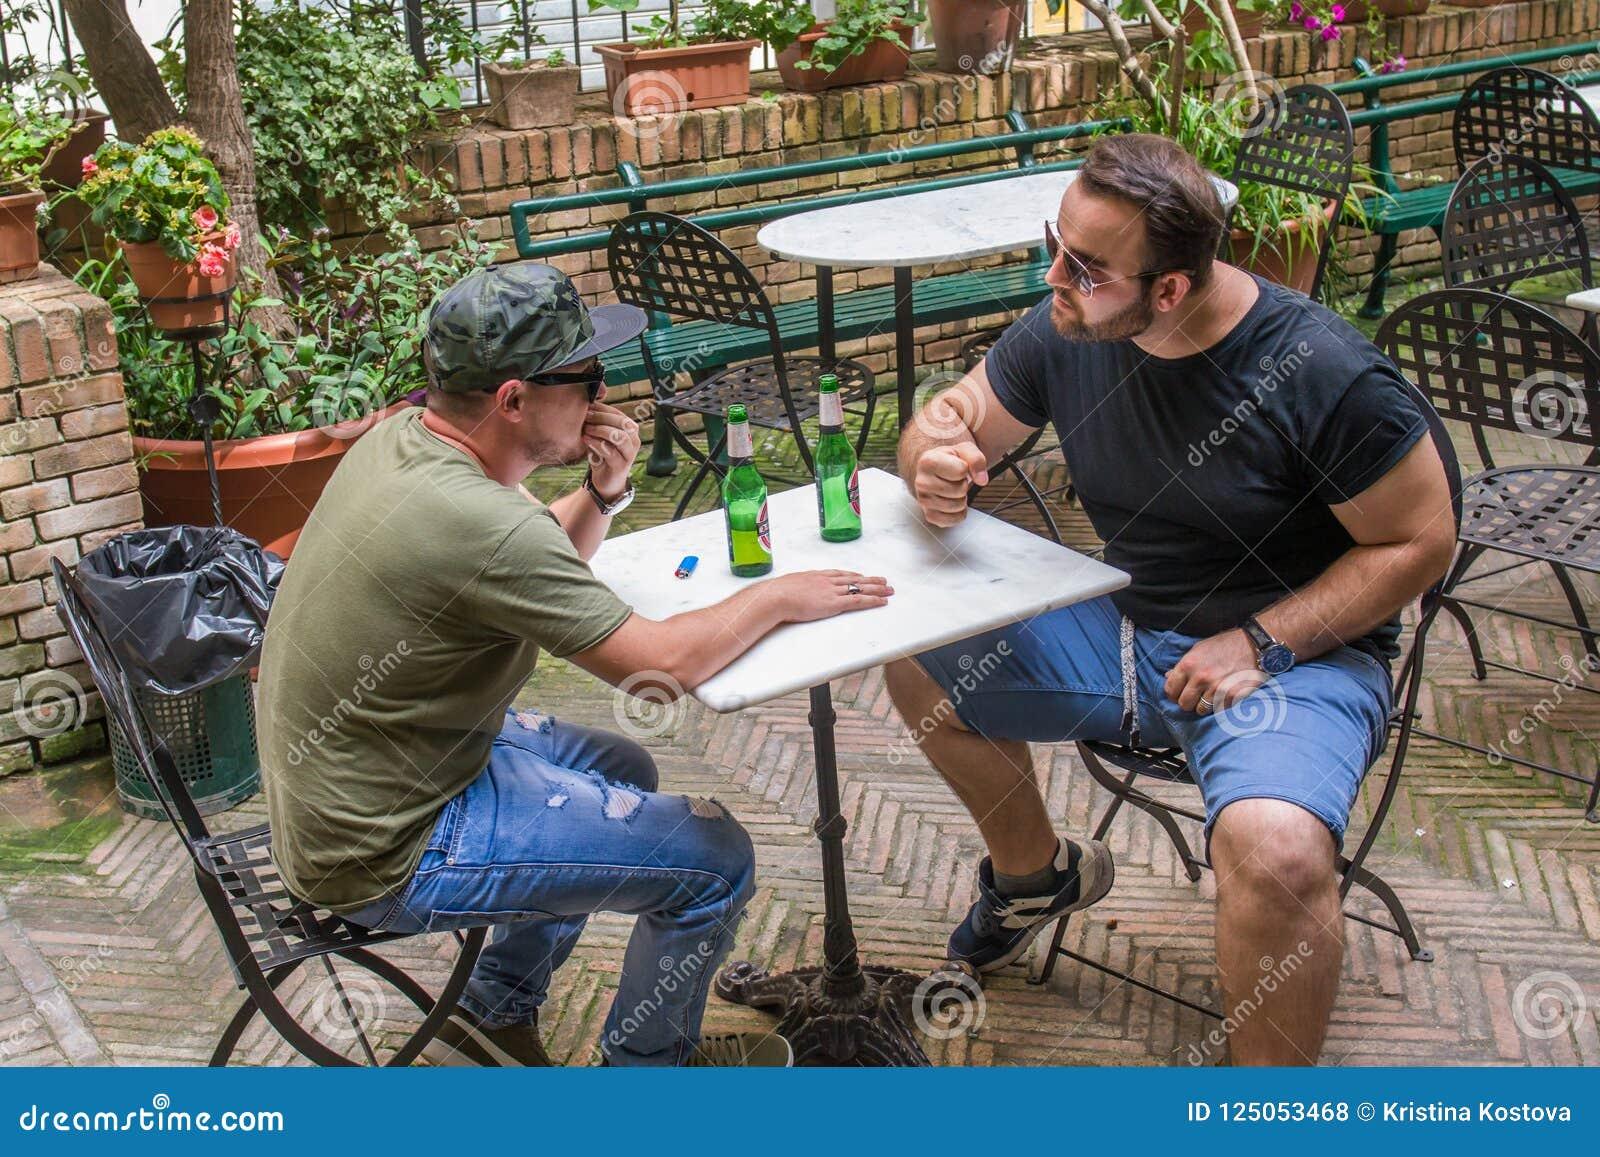 Two albanian mafia guys are talking about petty bulshit.